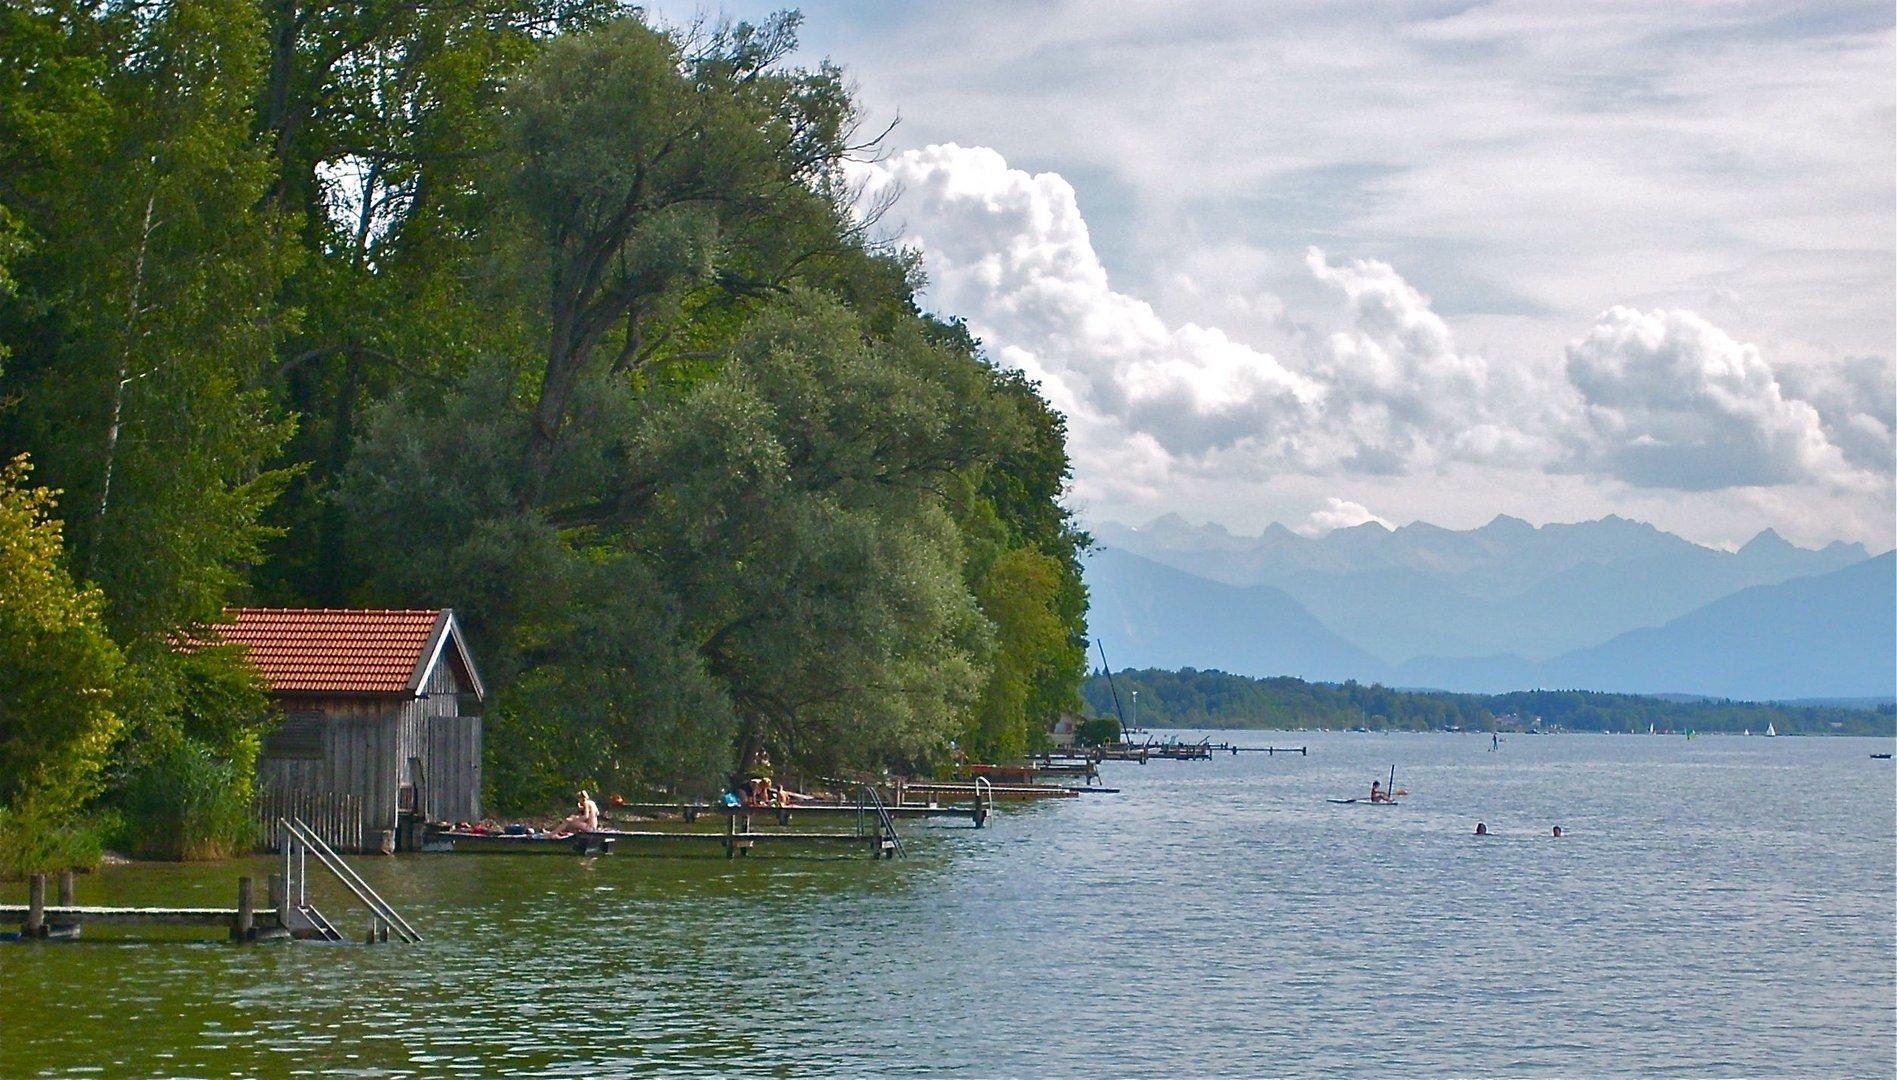 Ambach am Starnberger See Foto & Bild | landschaft, bach, fluss ...